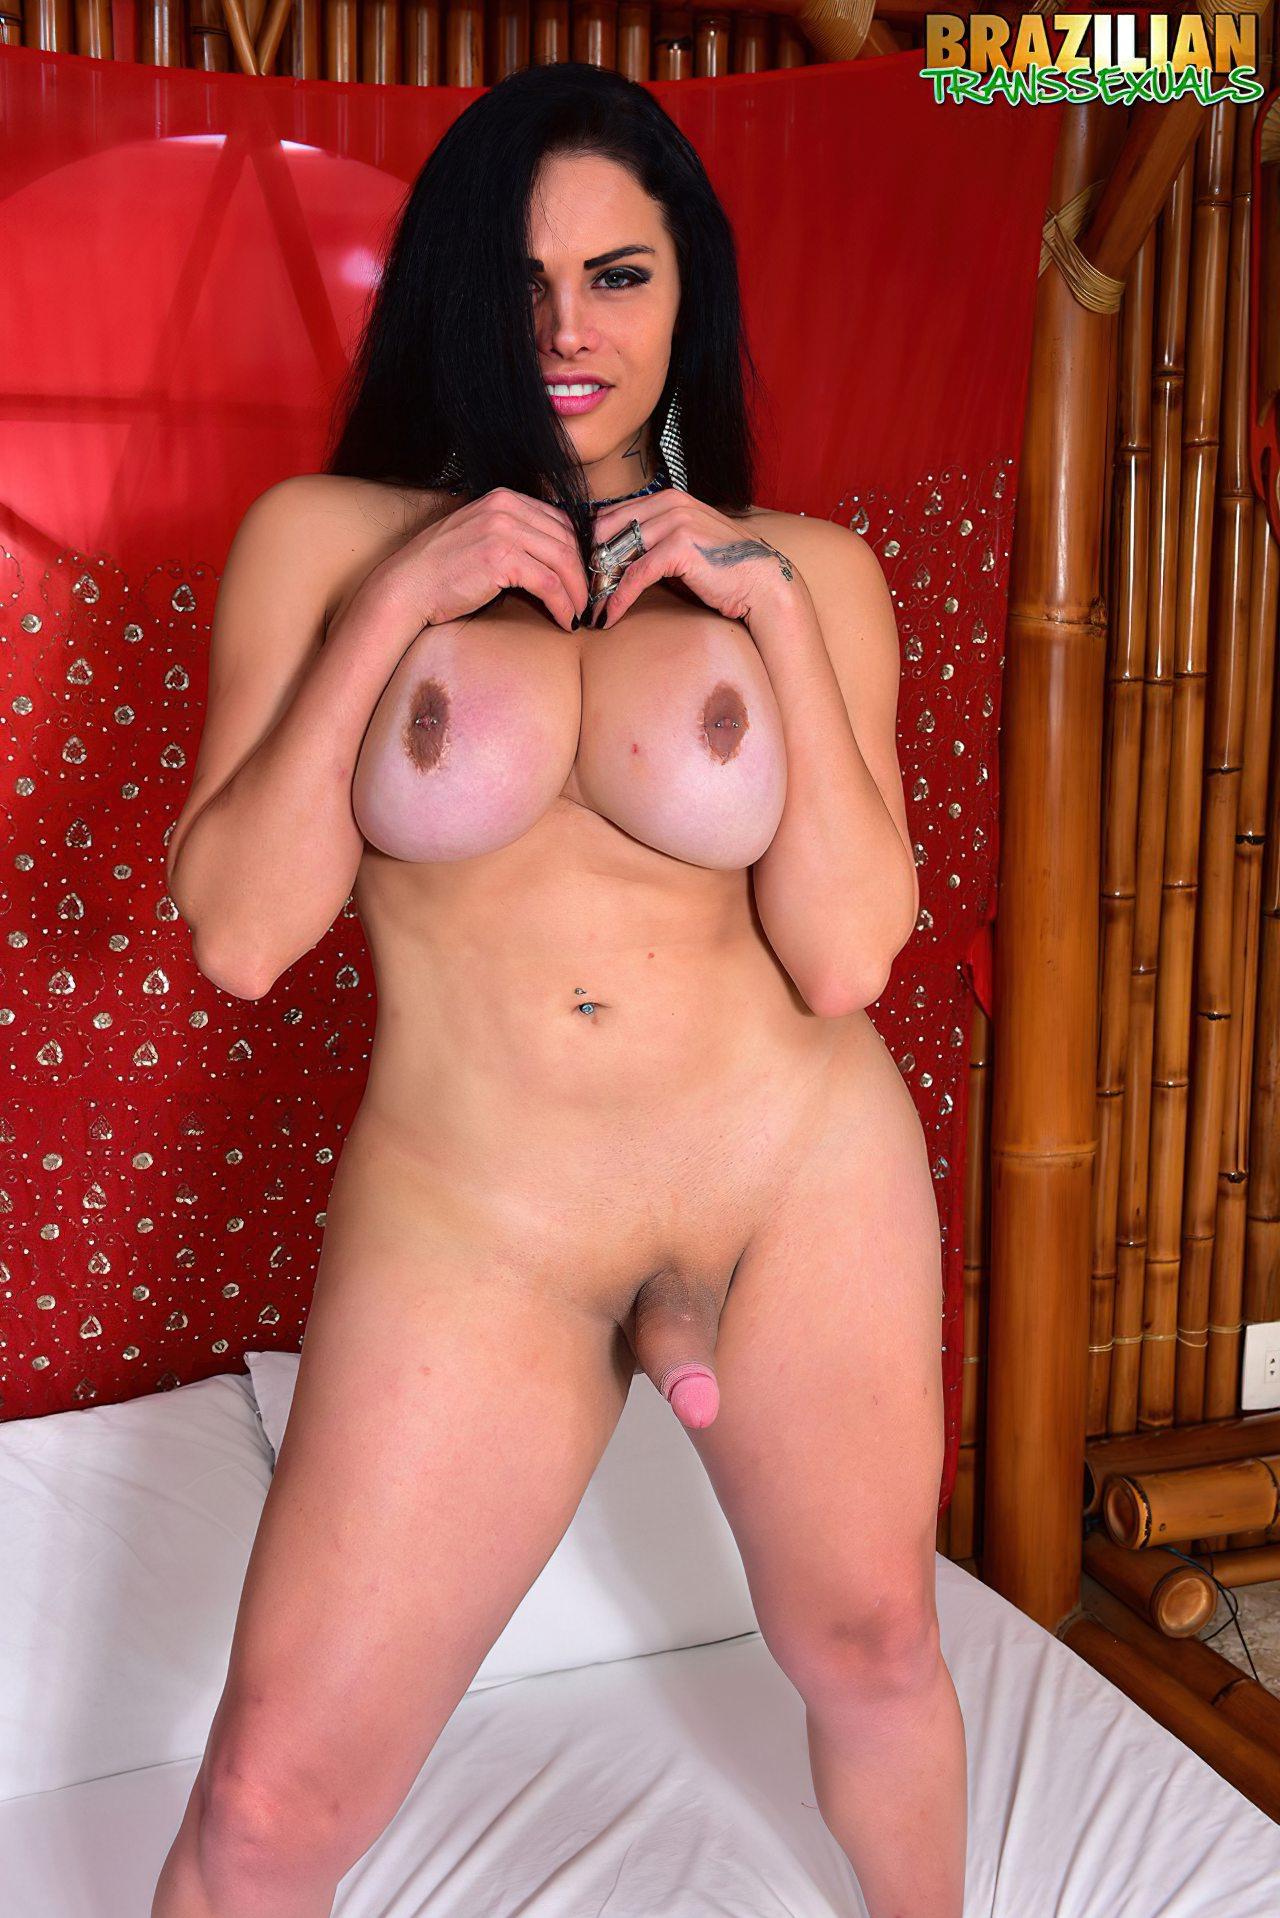 Travestis Naked (26)